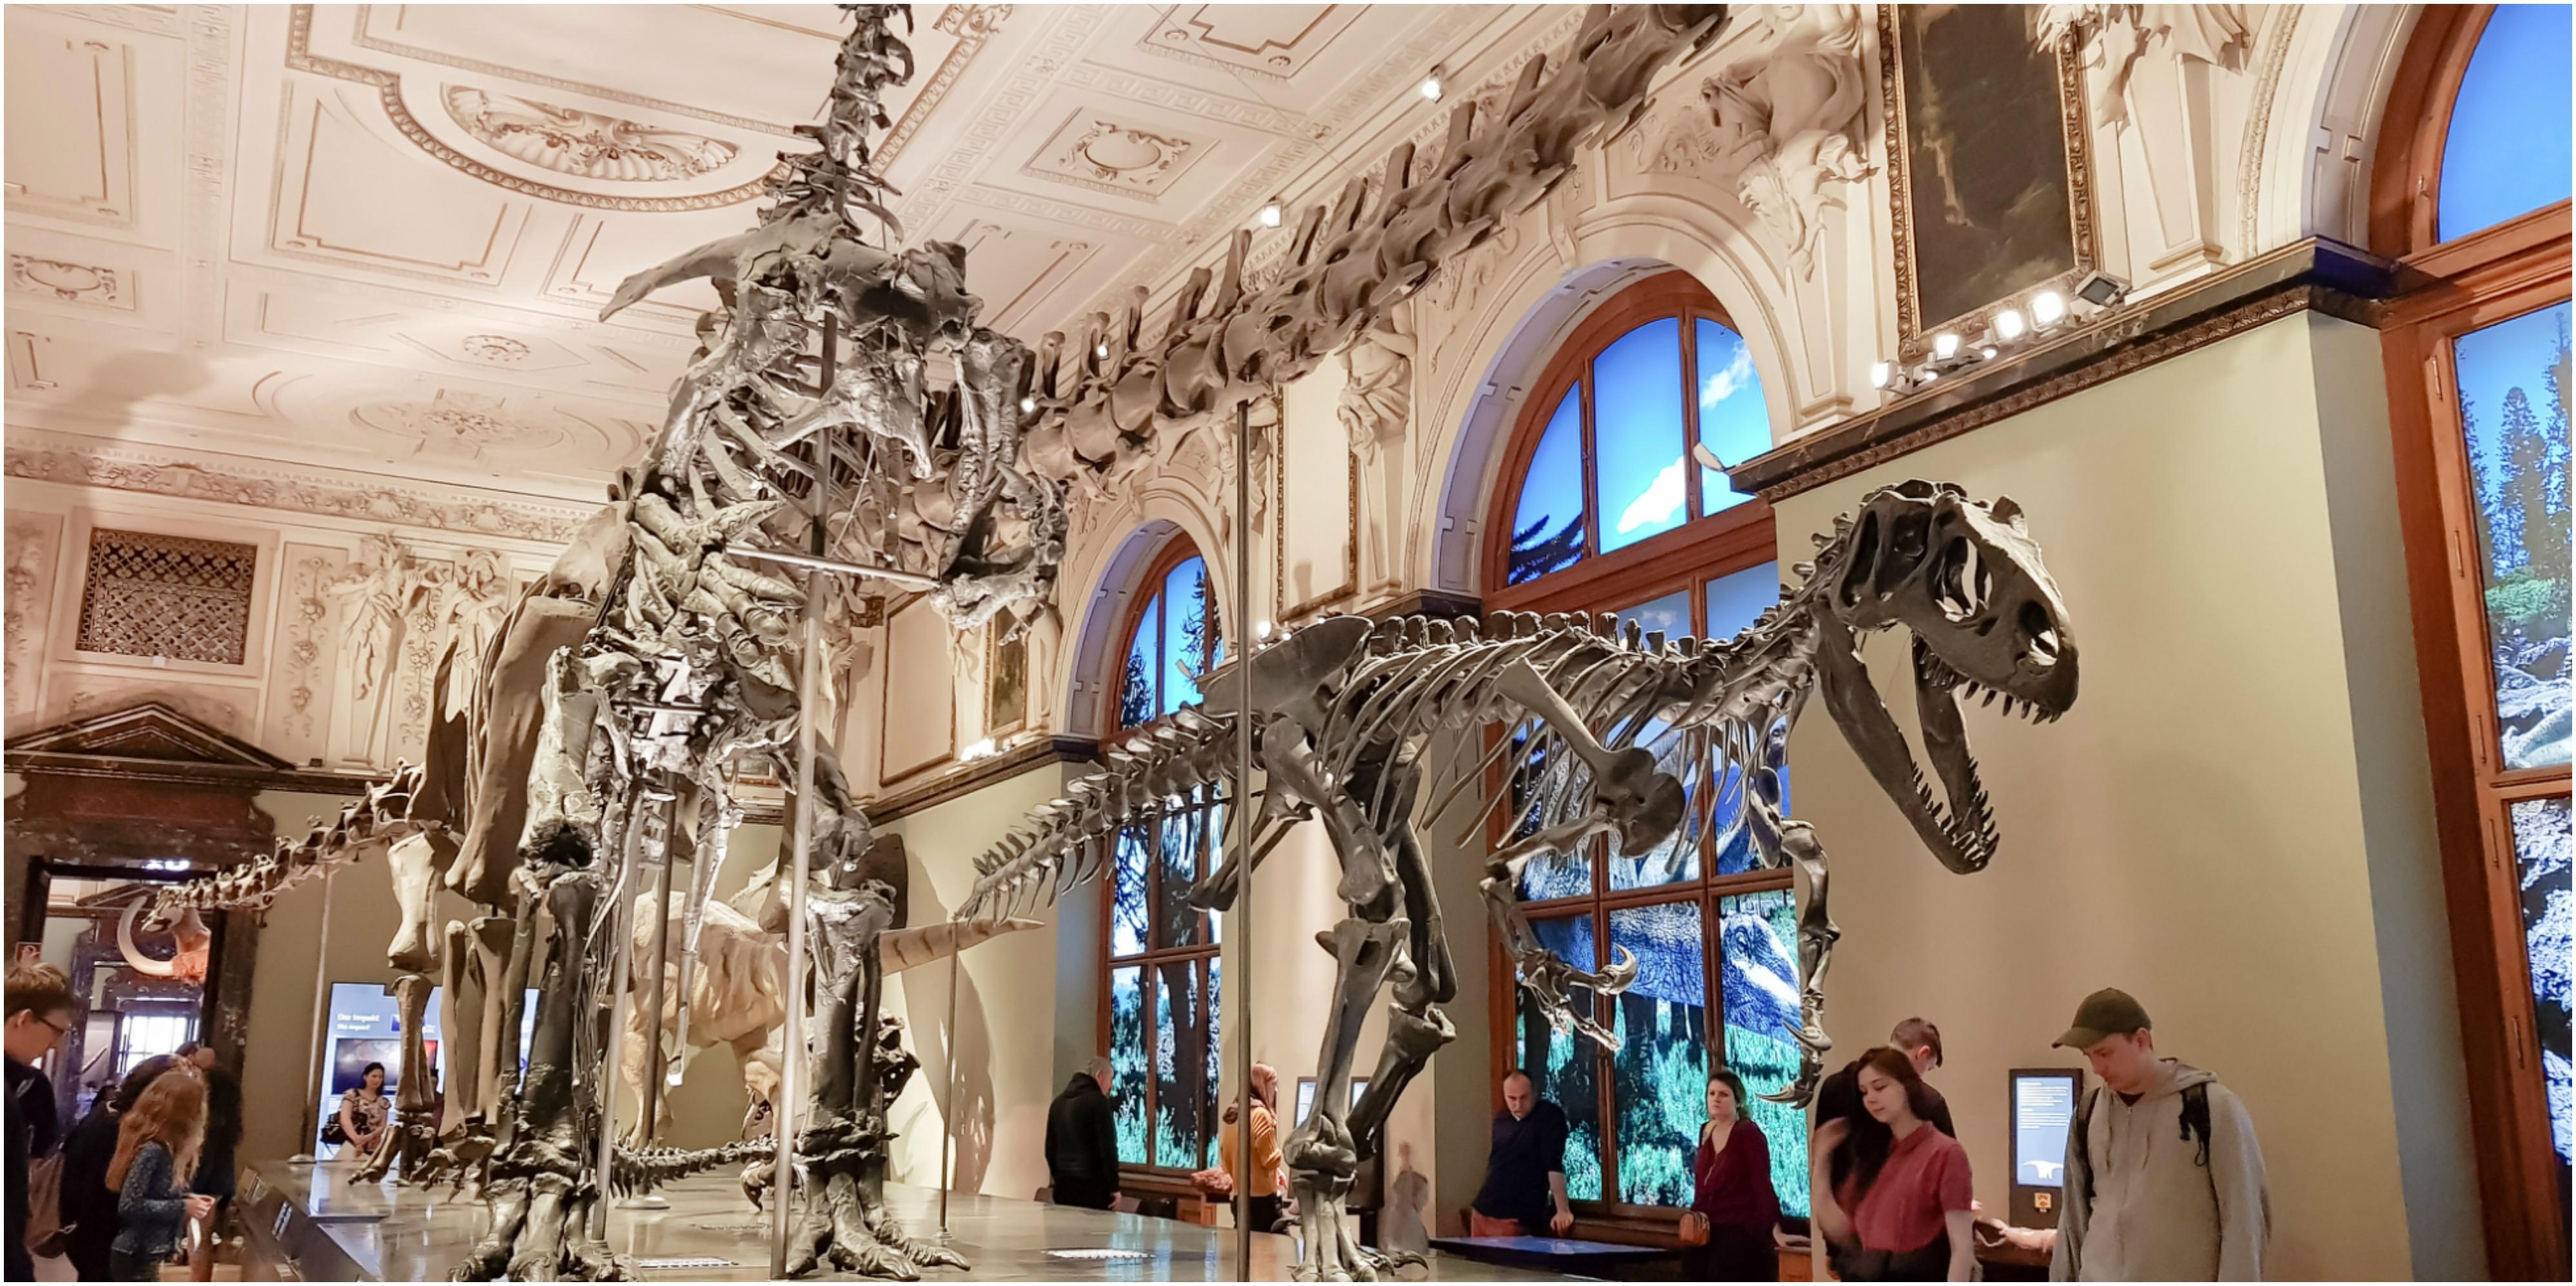 Naturhistorisches-Museum-3-jours-visiter-découvrir-Vienne